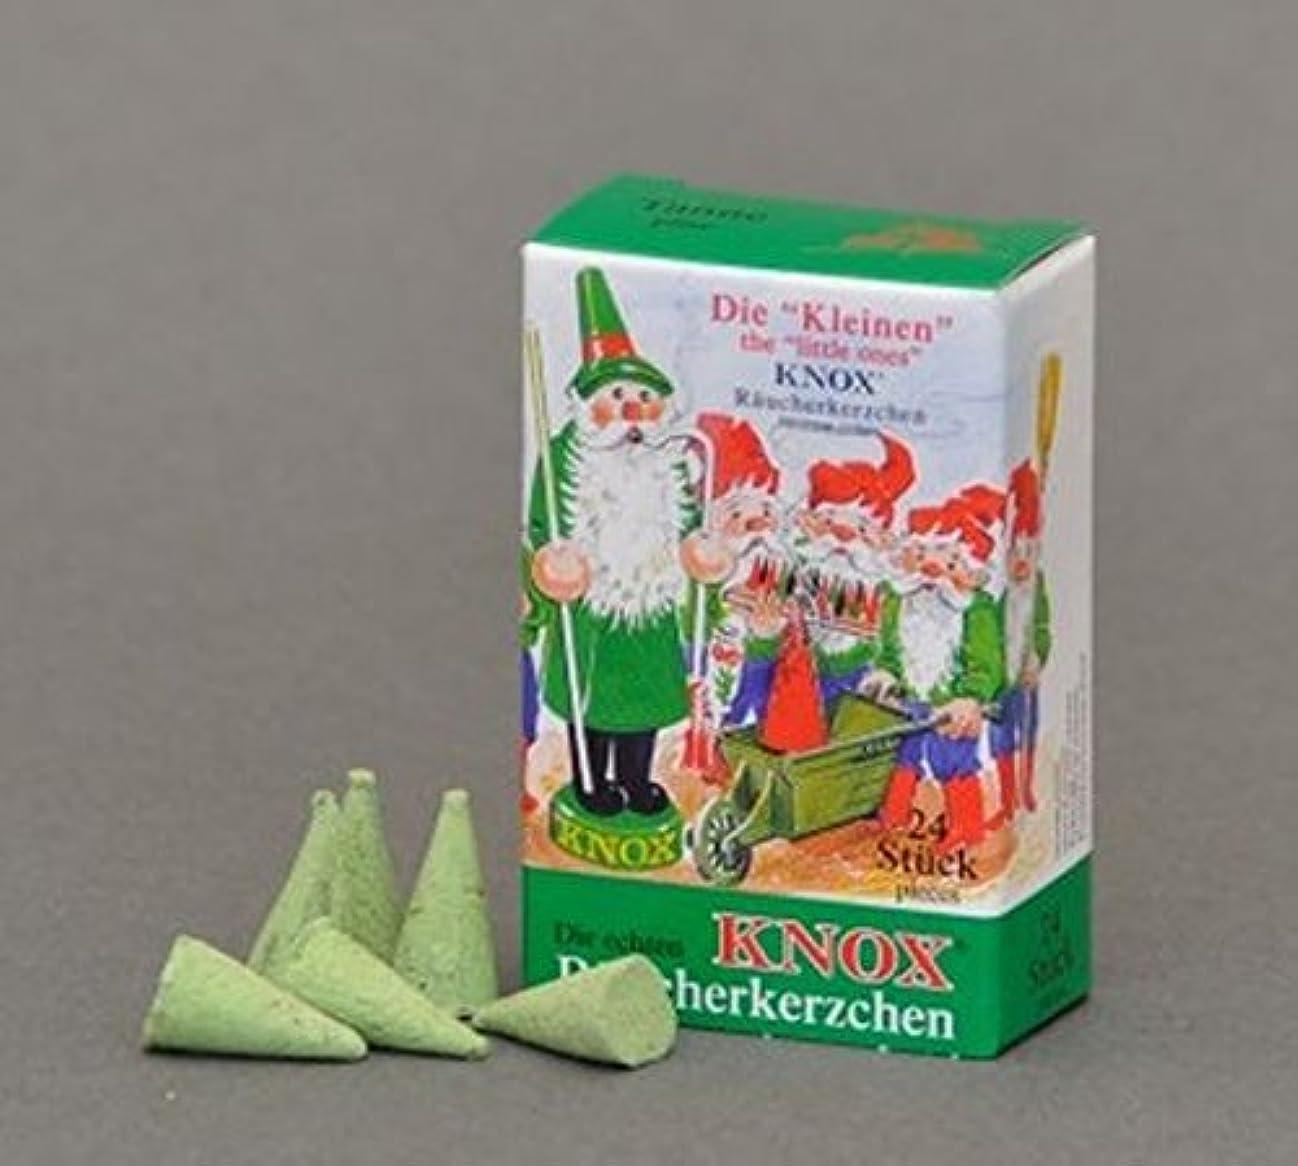 ほかに救援謎めいたKnox(ノックス) ミニ松の香り ドイツのお香コーン ドイツ製 クリスマスのスモーカー